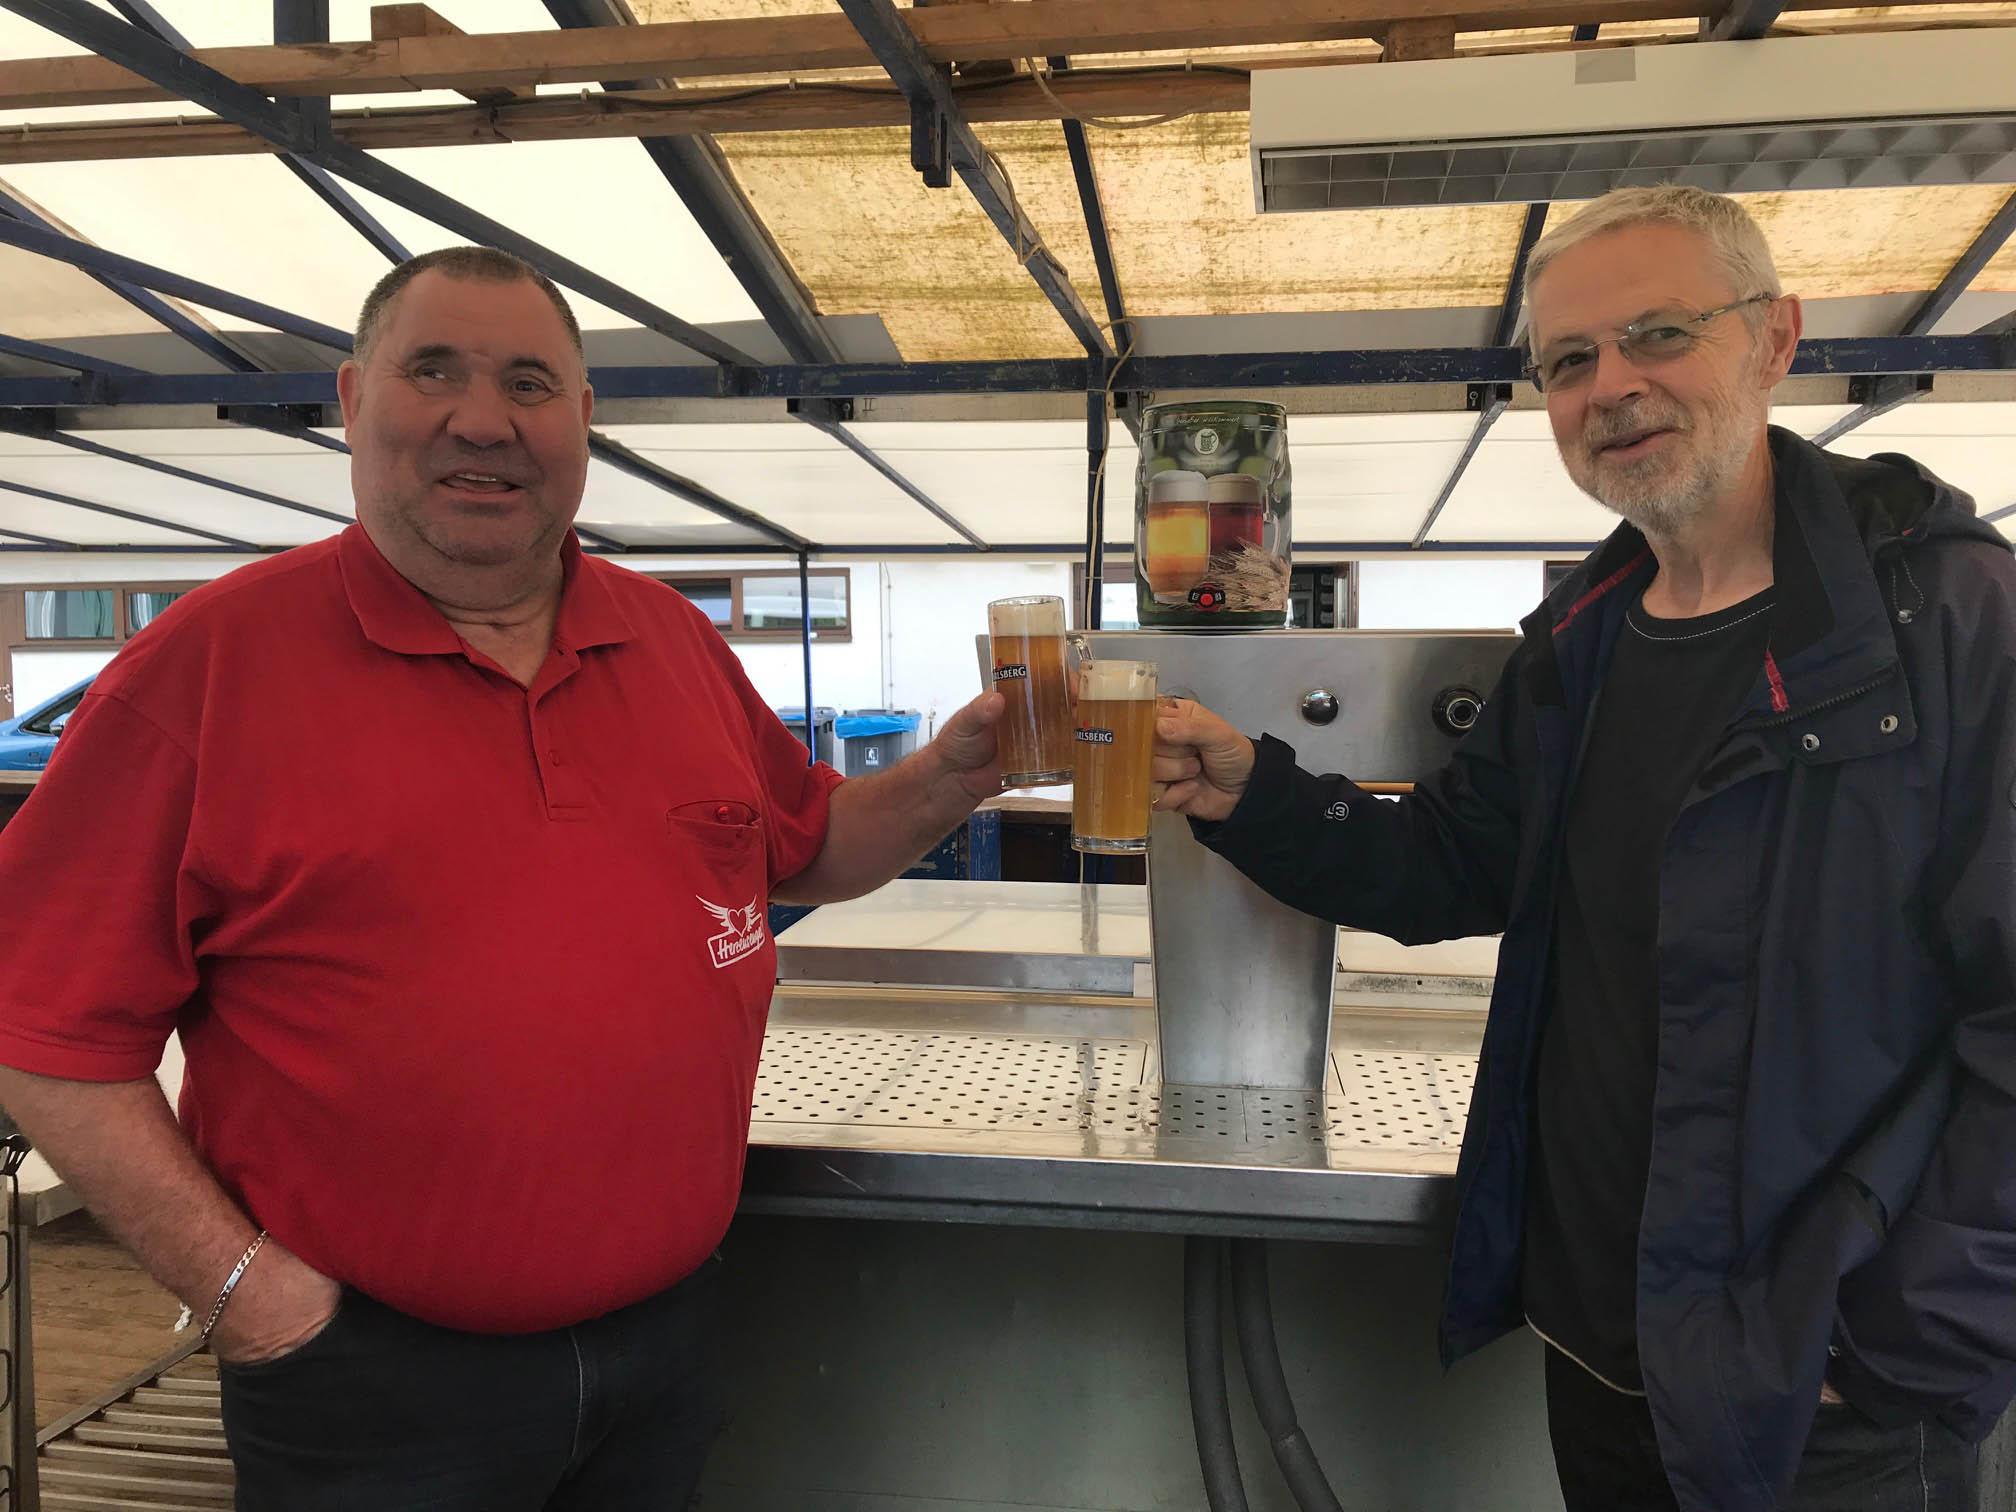 Adrian und Manfred eröffnen das Fest mit eimem Ersten Herzensengel Bier